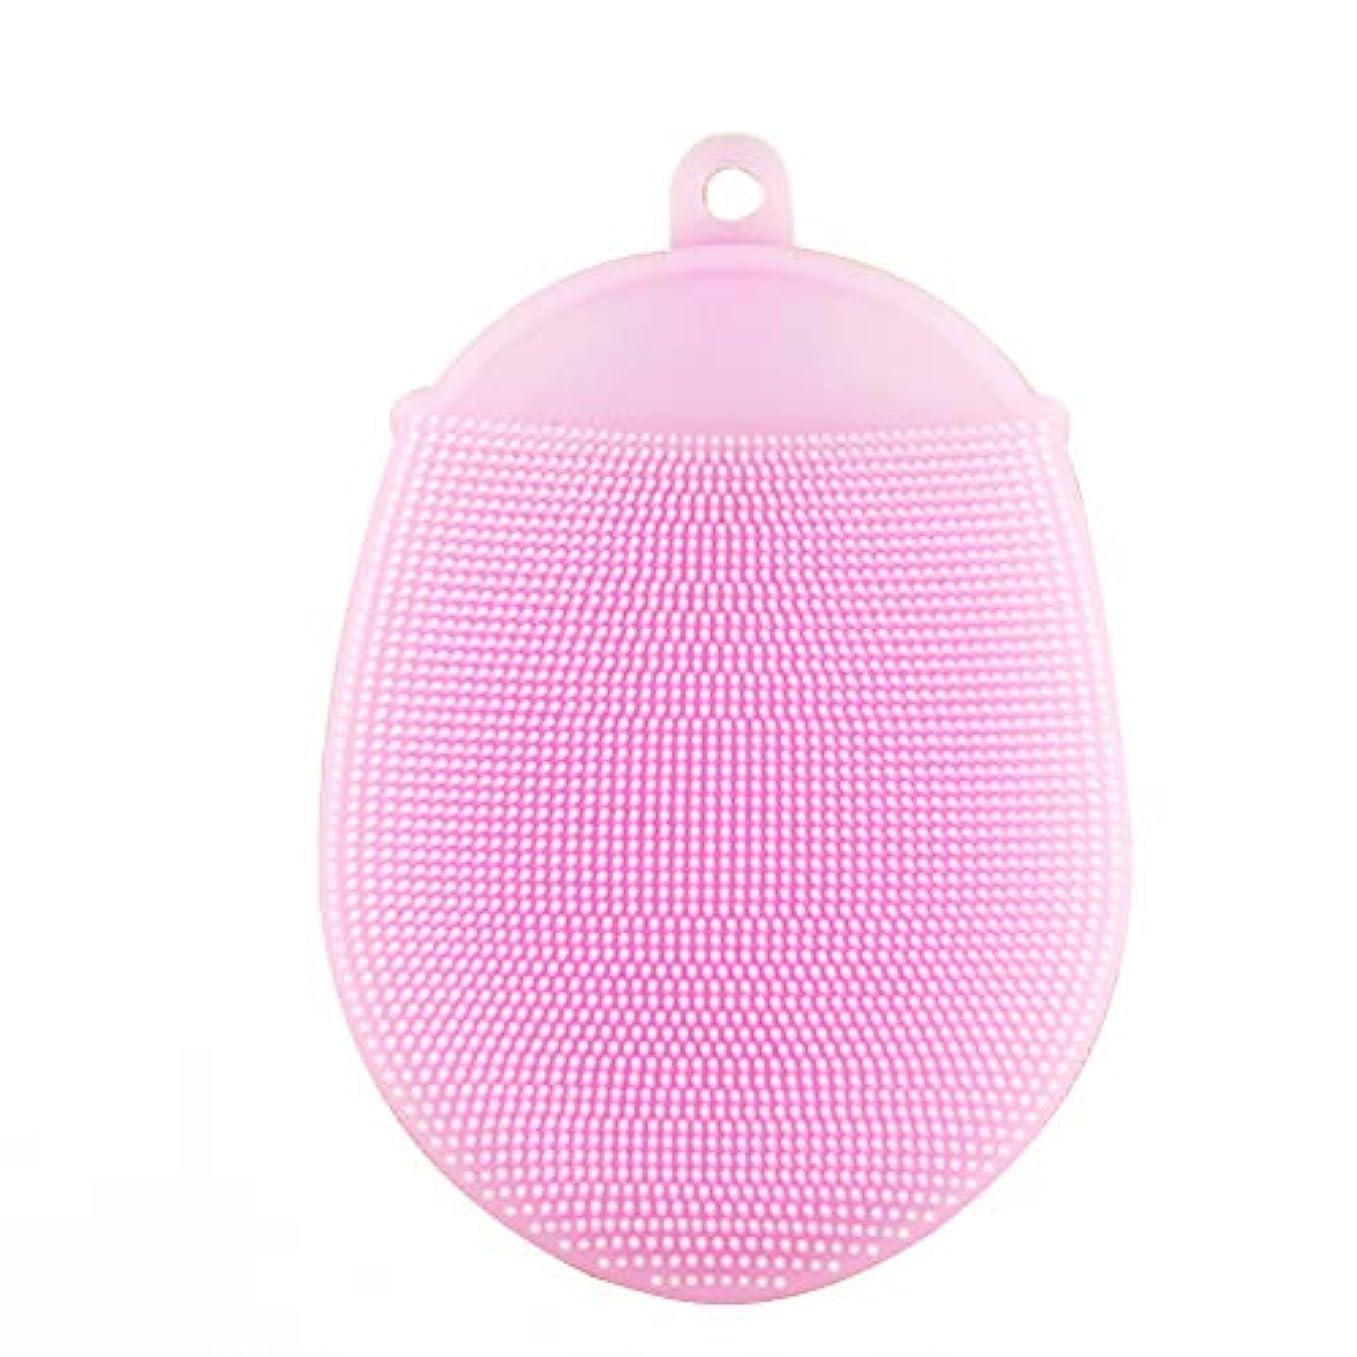 おっと呼吸するトランクHealifty シリコンバスブラシシャワースクラバー2本(ピンク)